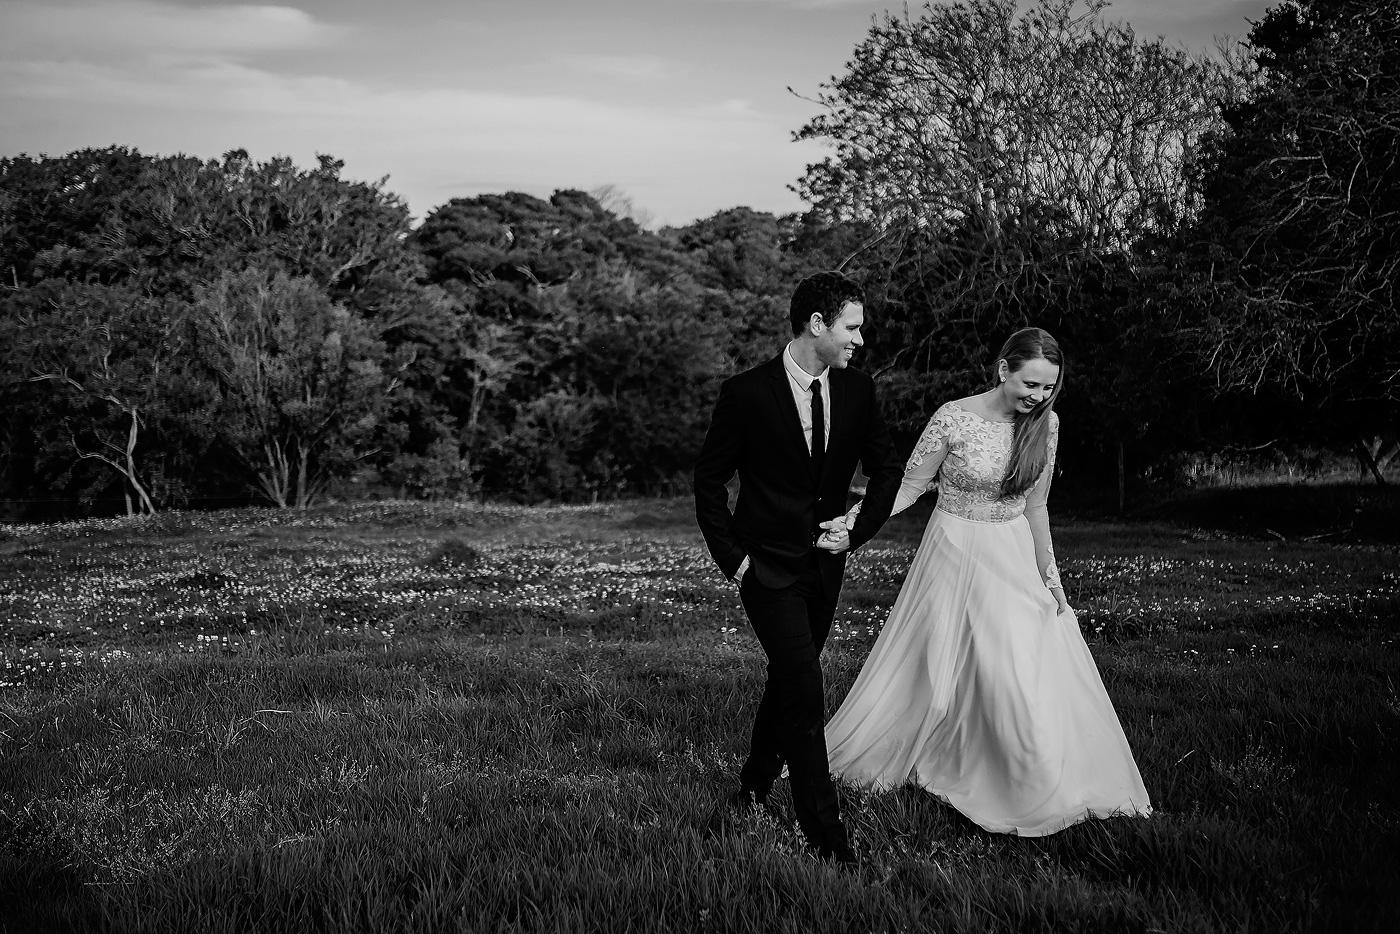 Eastern Cape Wedding Portraits - Fanie & Lindy